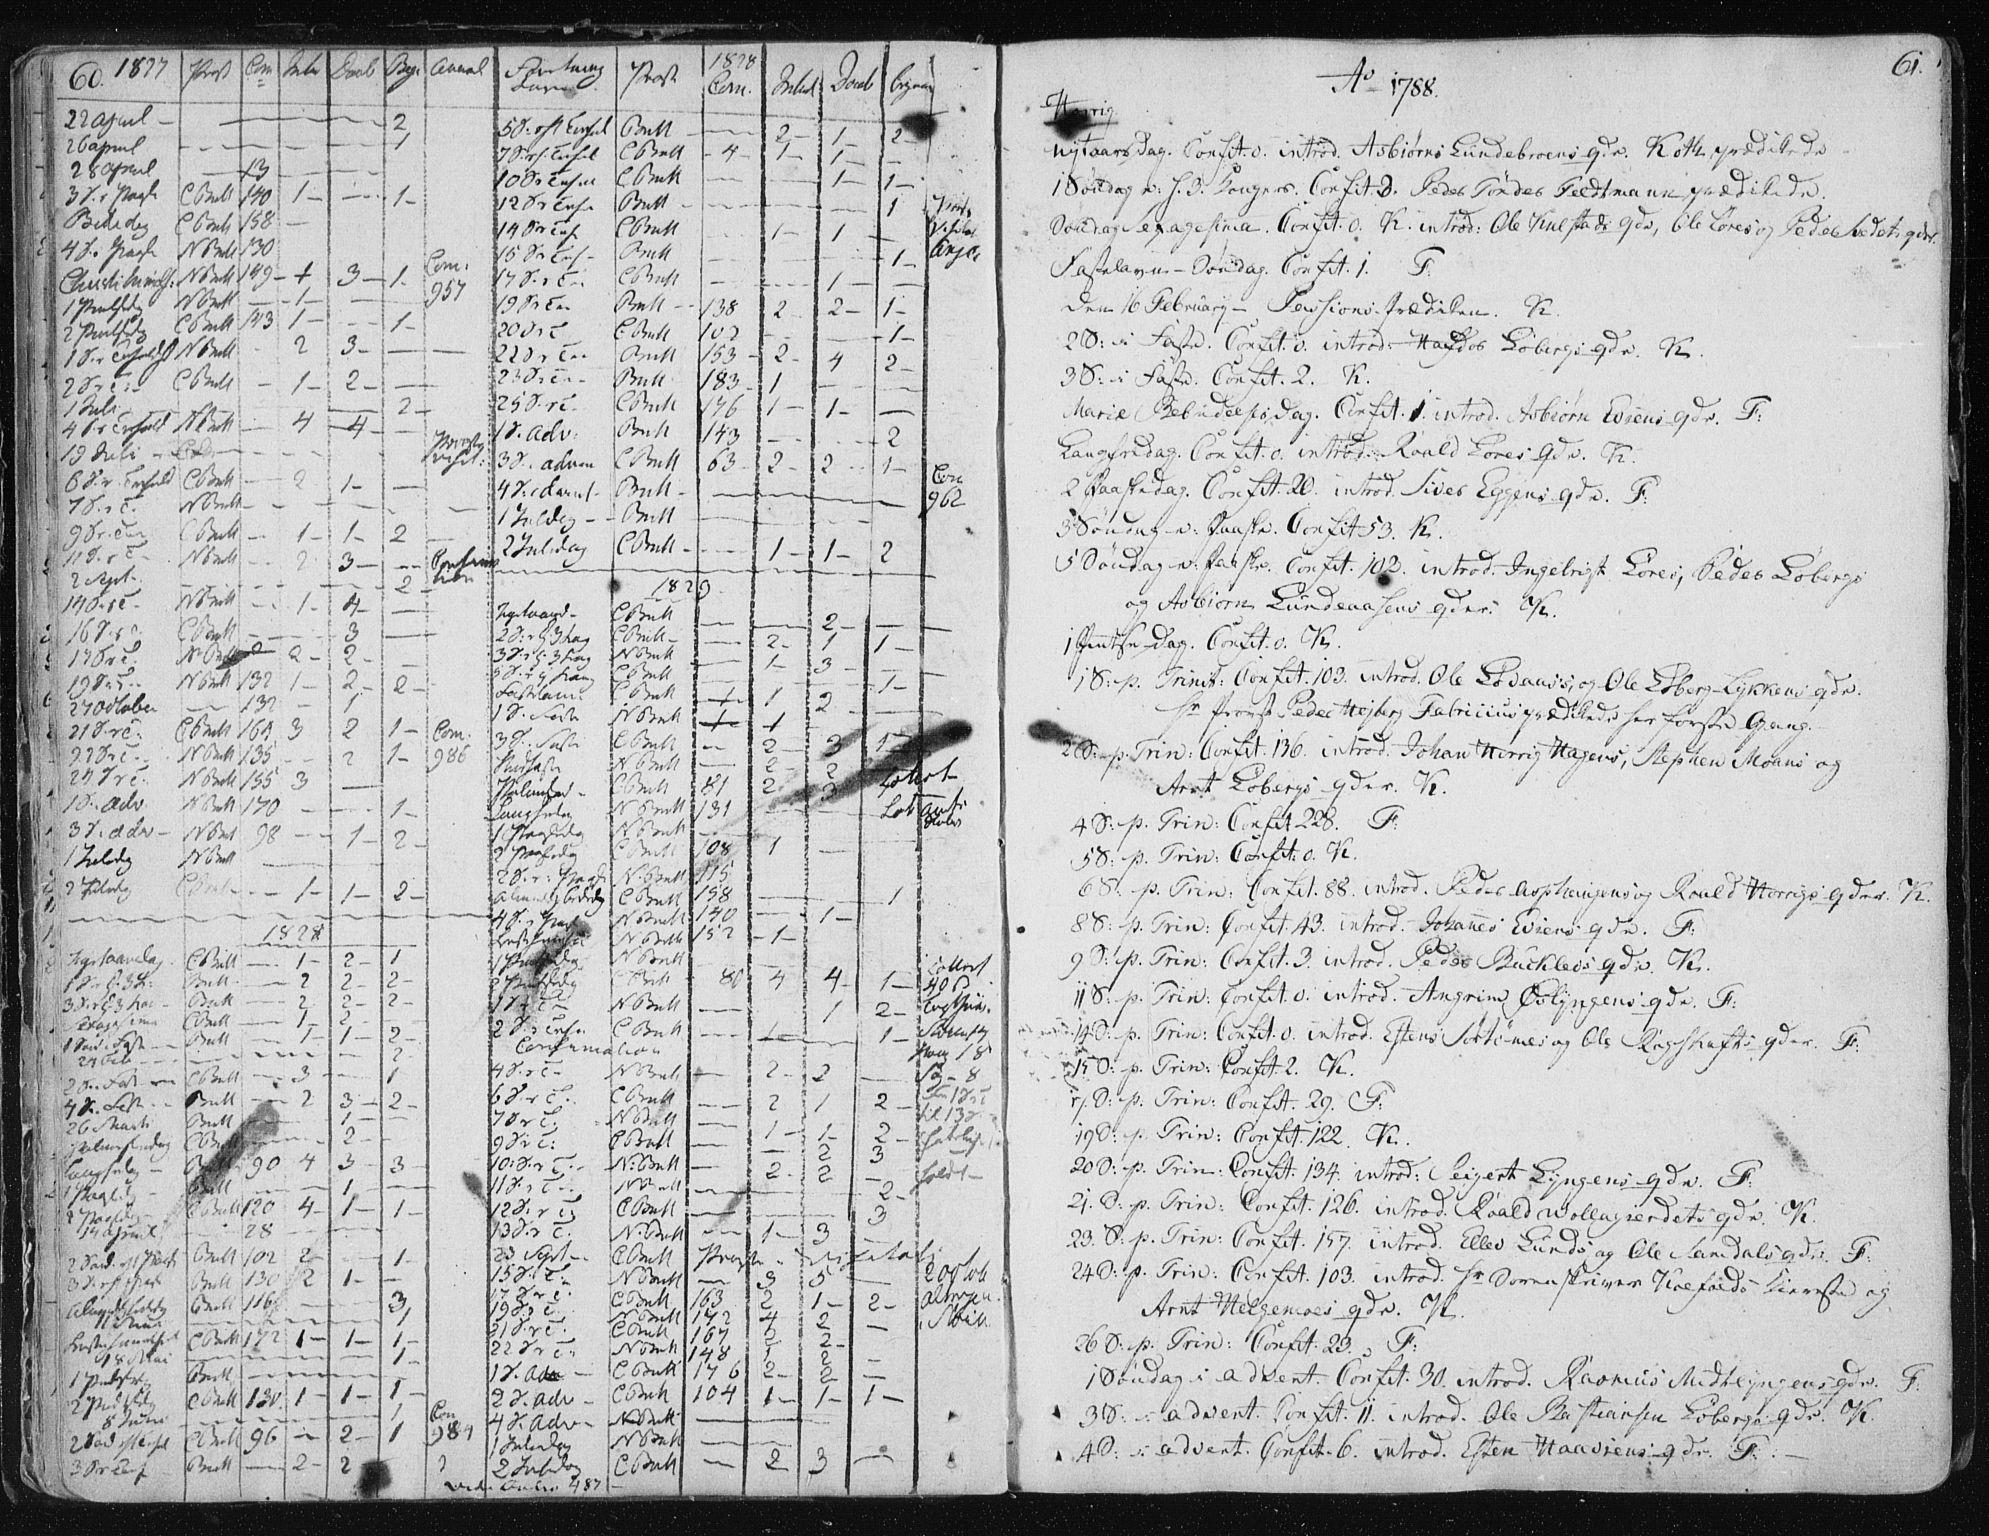 SAT, Ministerialprotokoller, klokkerbøker og fødselsregistre - Sør-Trøndelag, 687/L0993: Ministerialbok nr. 687A03 /2, 1788-1815, s. 60-61